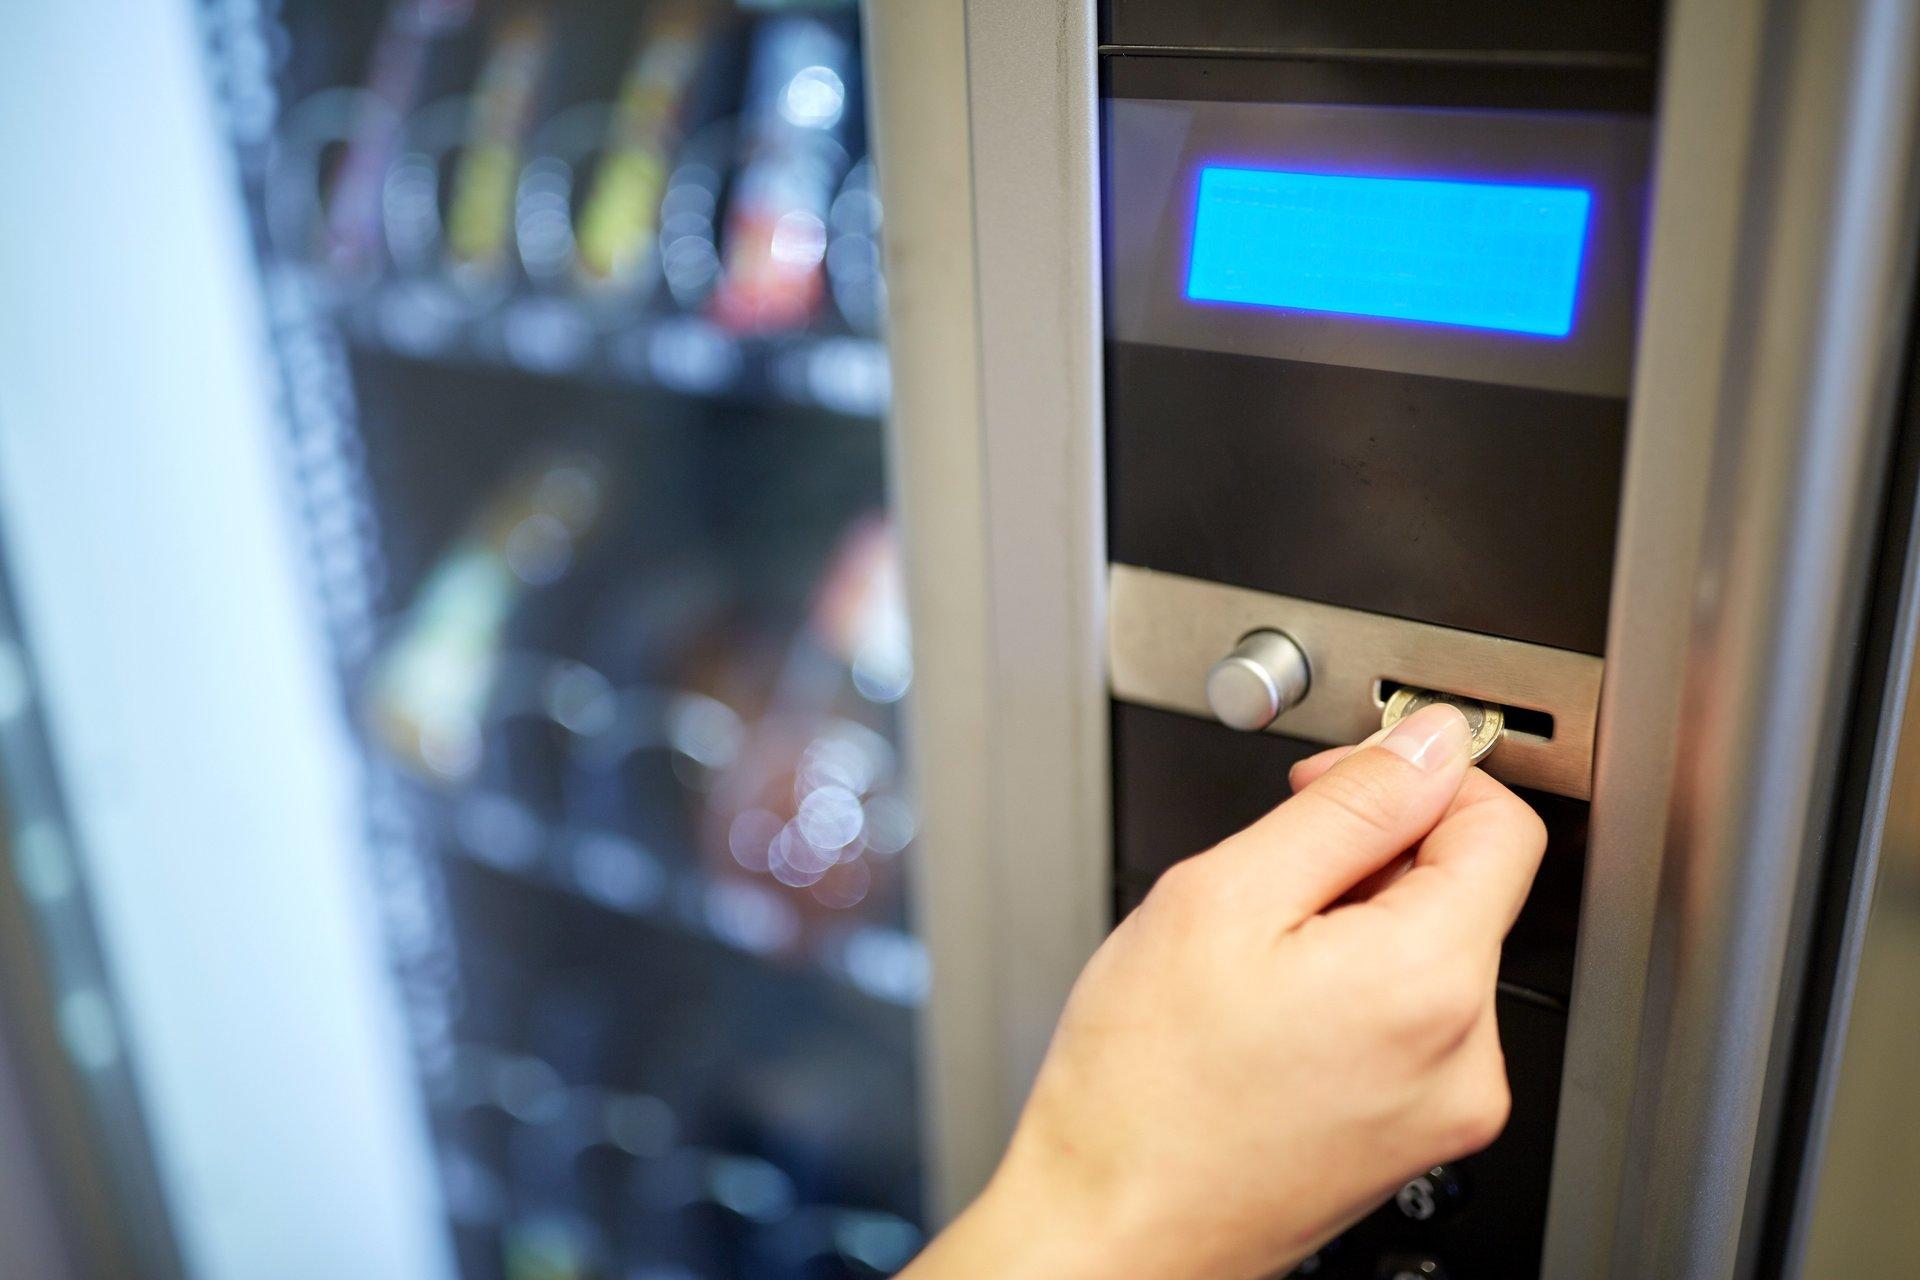 ragazza inserisce moneta in un distributore automatico